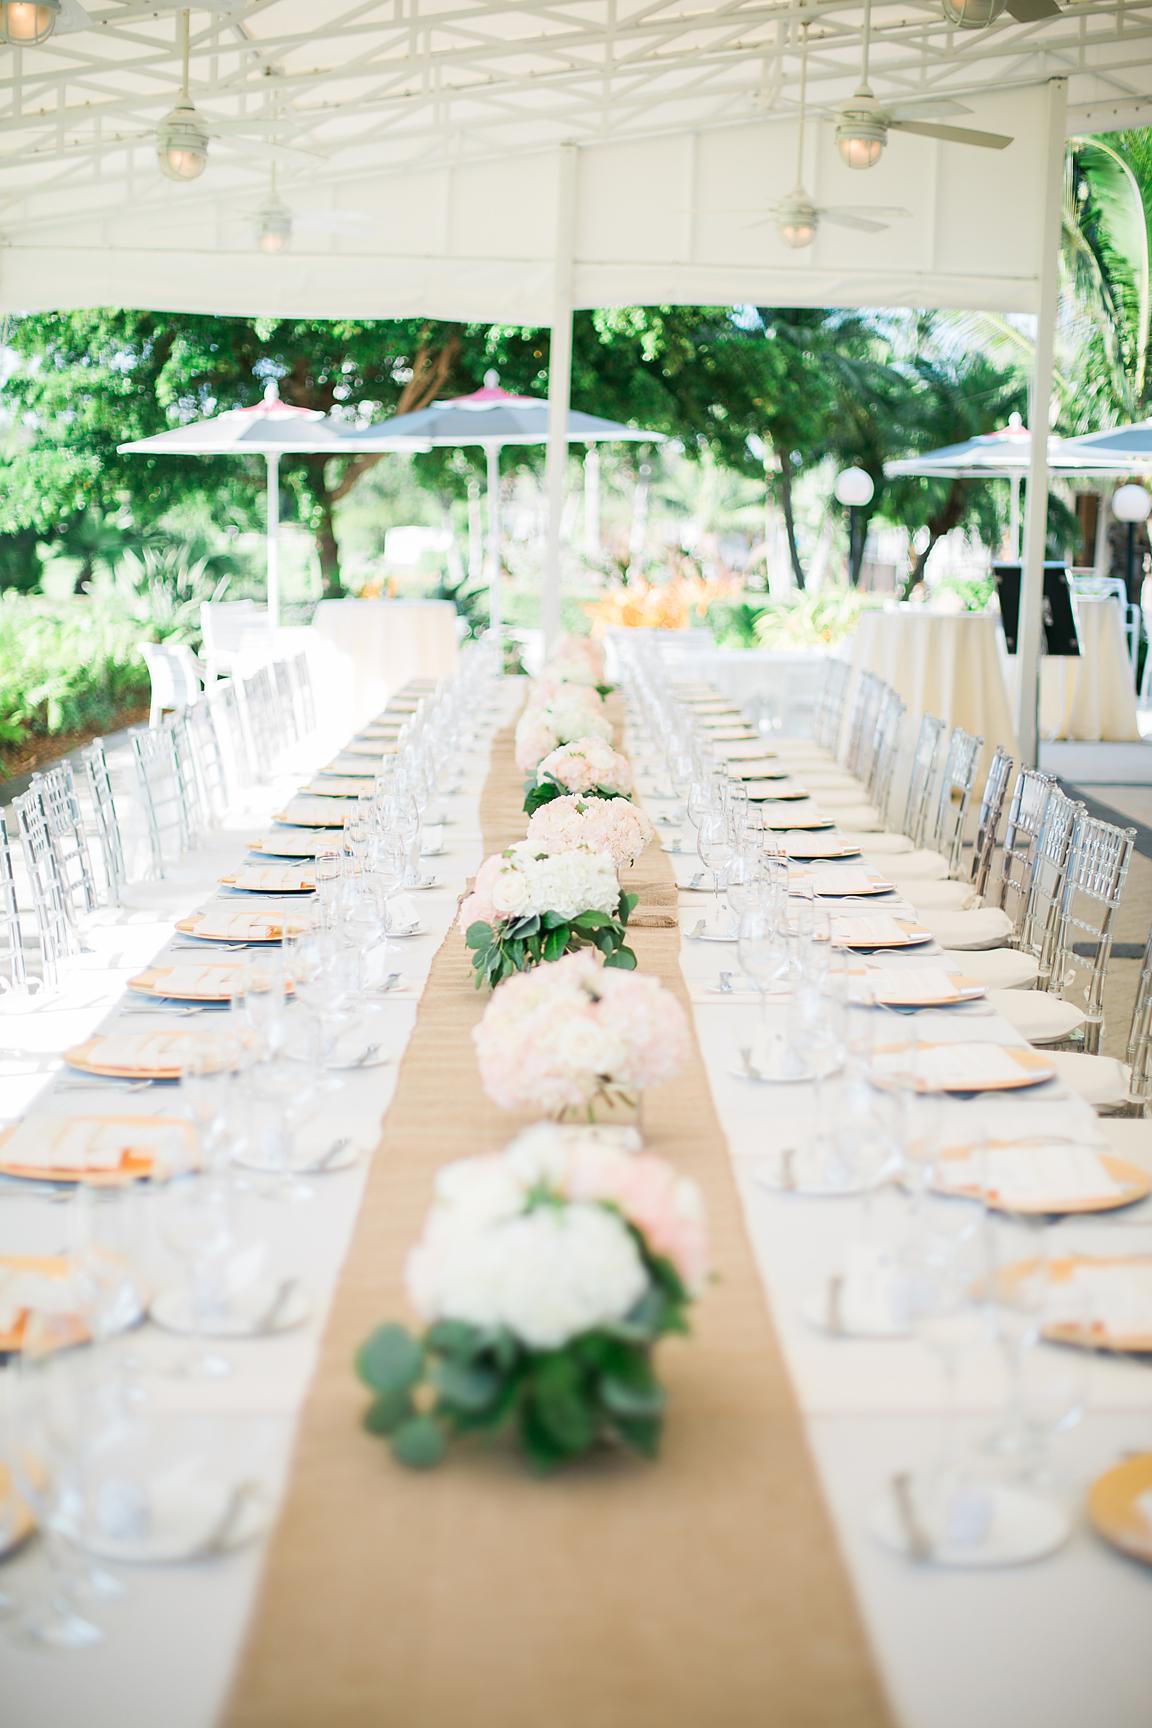 Carolyn + Zack - Longboat Key Club Wedding Photography - Sarasota Wedding Photography - Emily & Co. Photography - 9.jpg